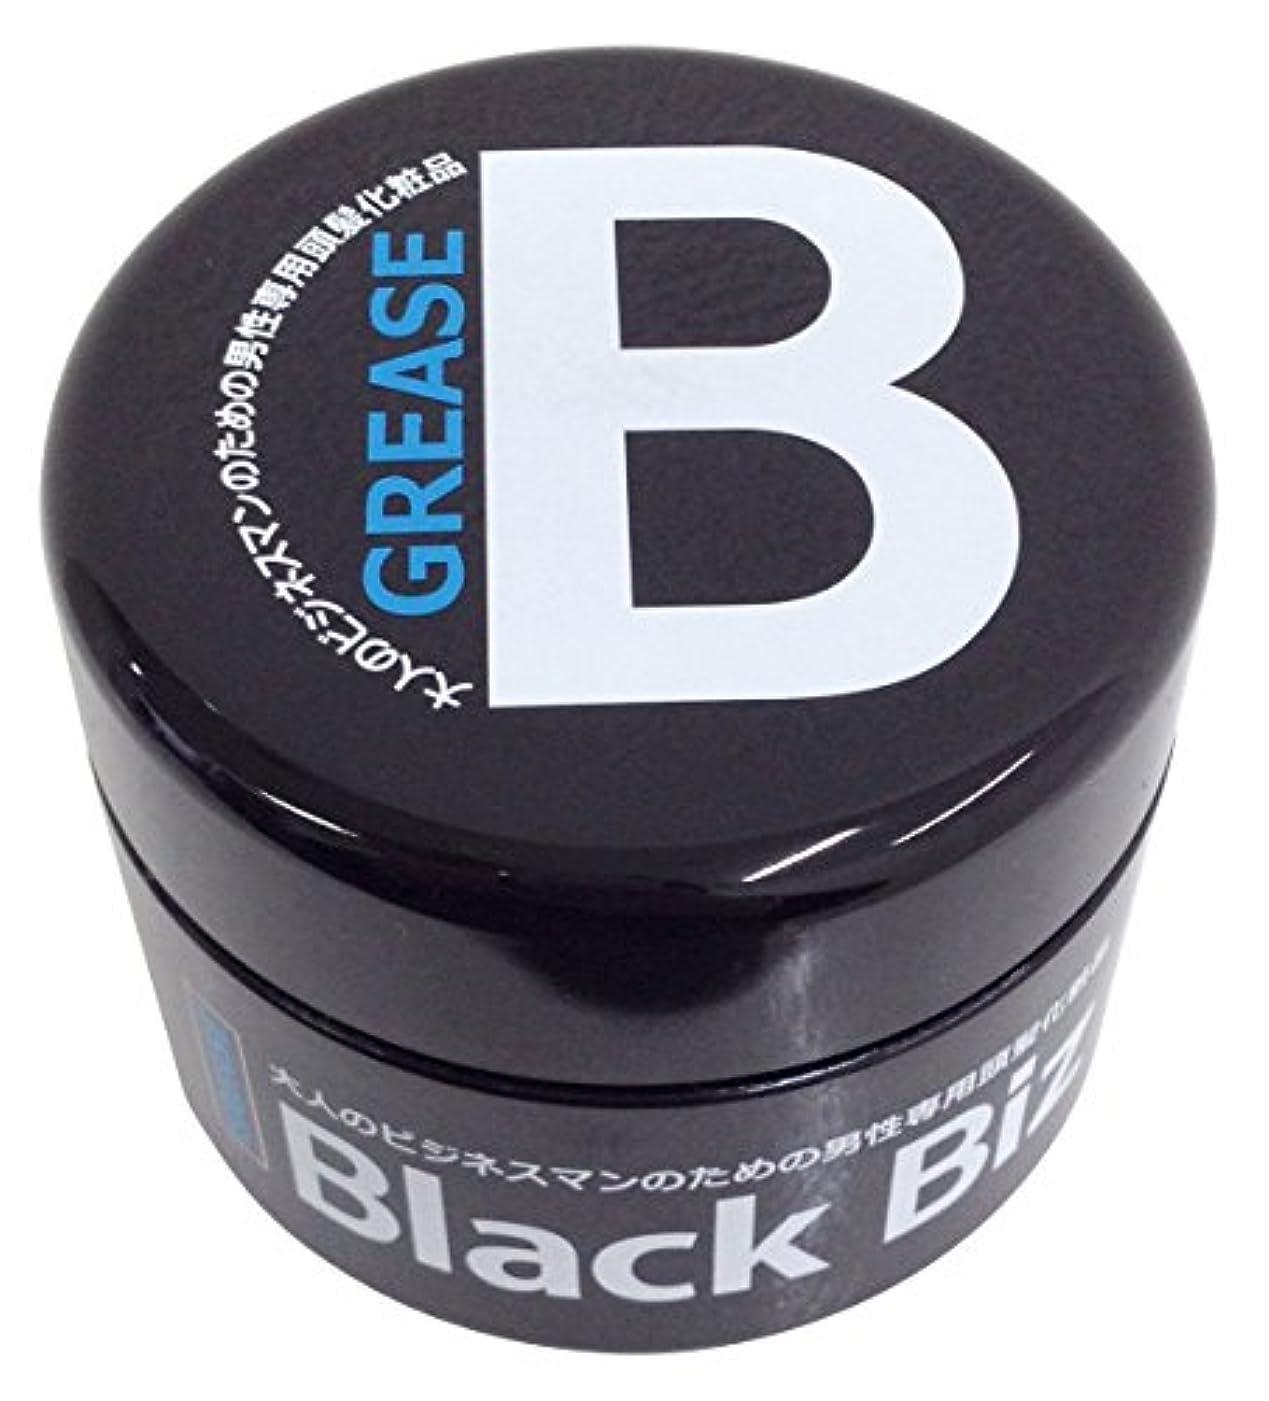 トリップリースけん引大人のビジネスマンのための男性専用頭髪化粧品 BlackBiz GREASE SOFT ブラックビズ グリース ソフト